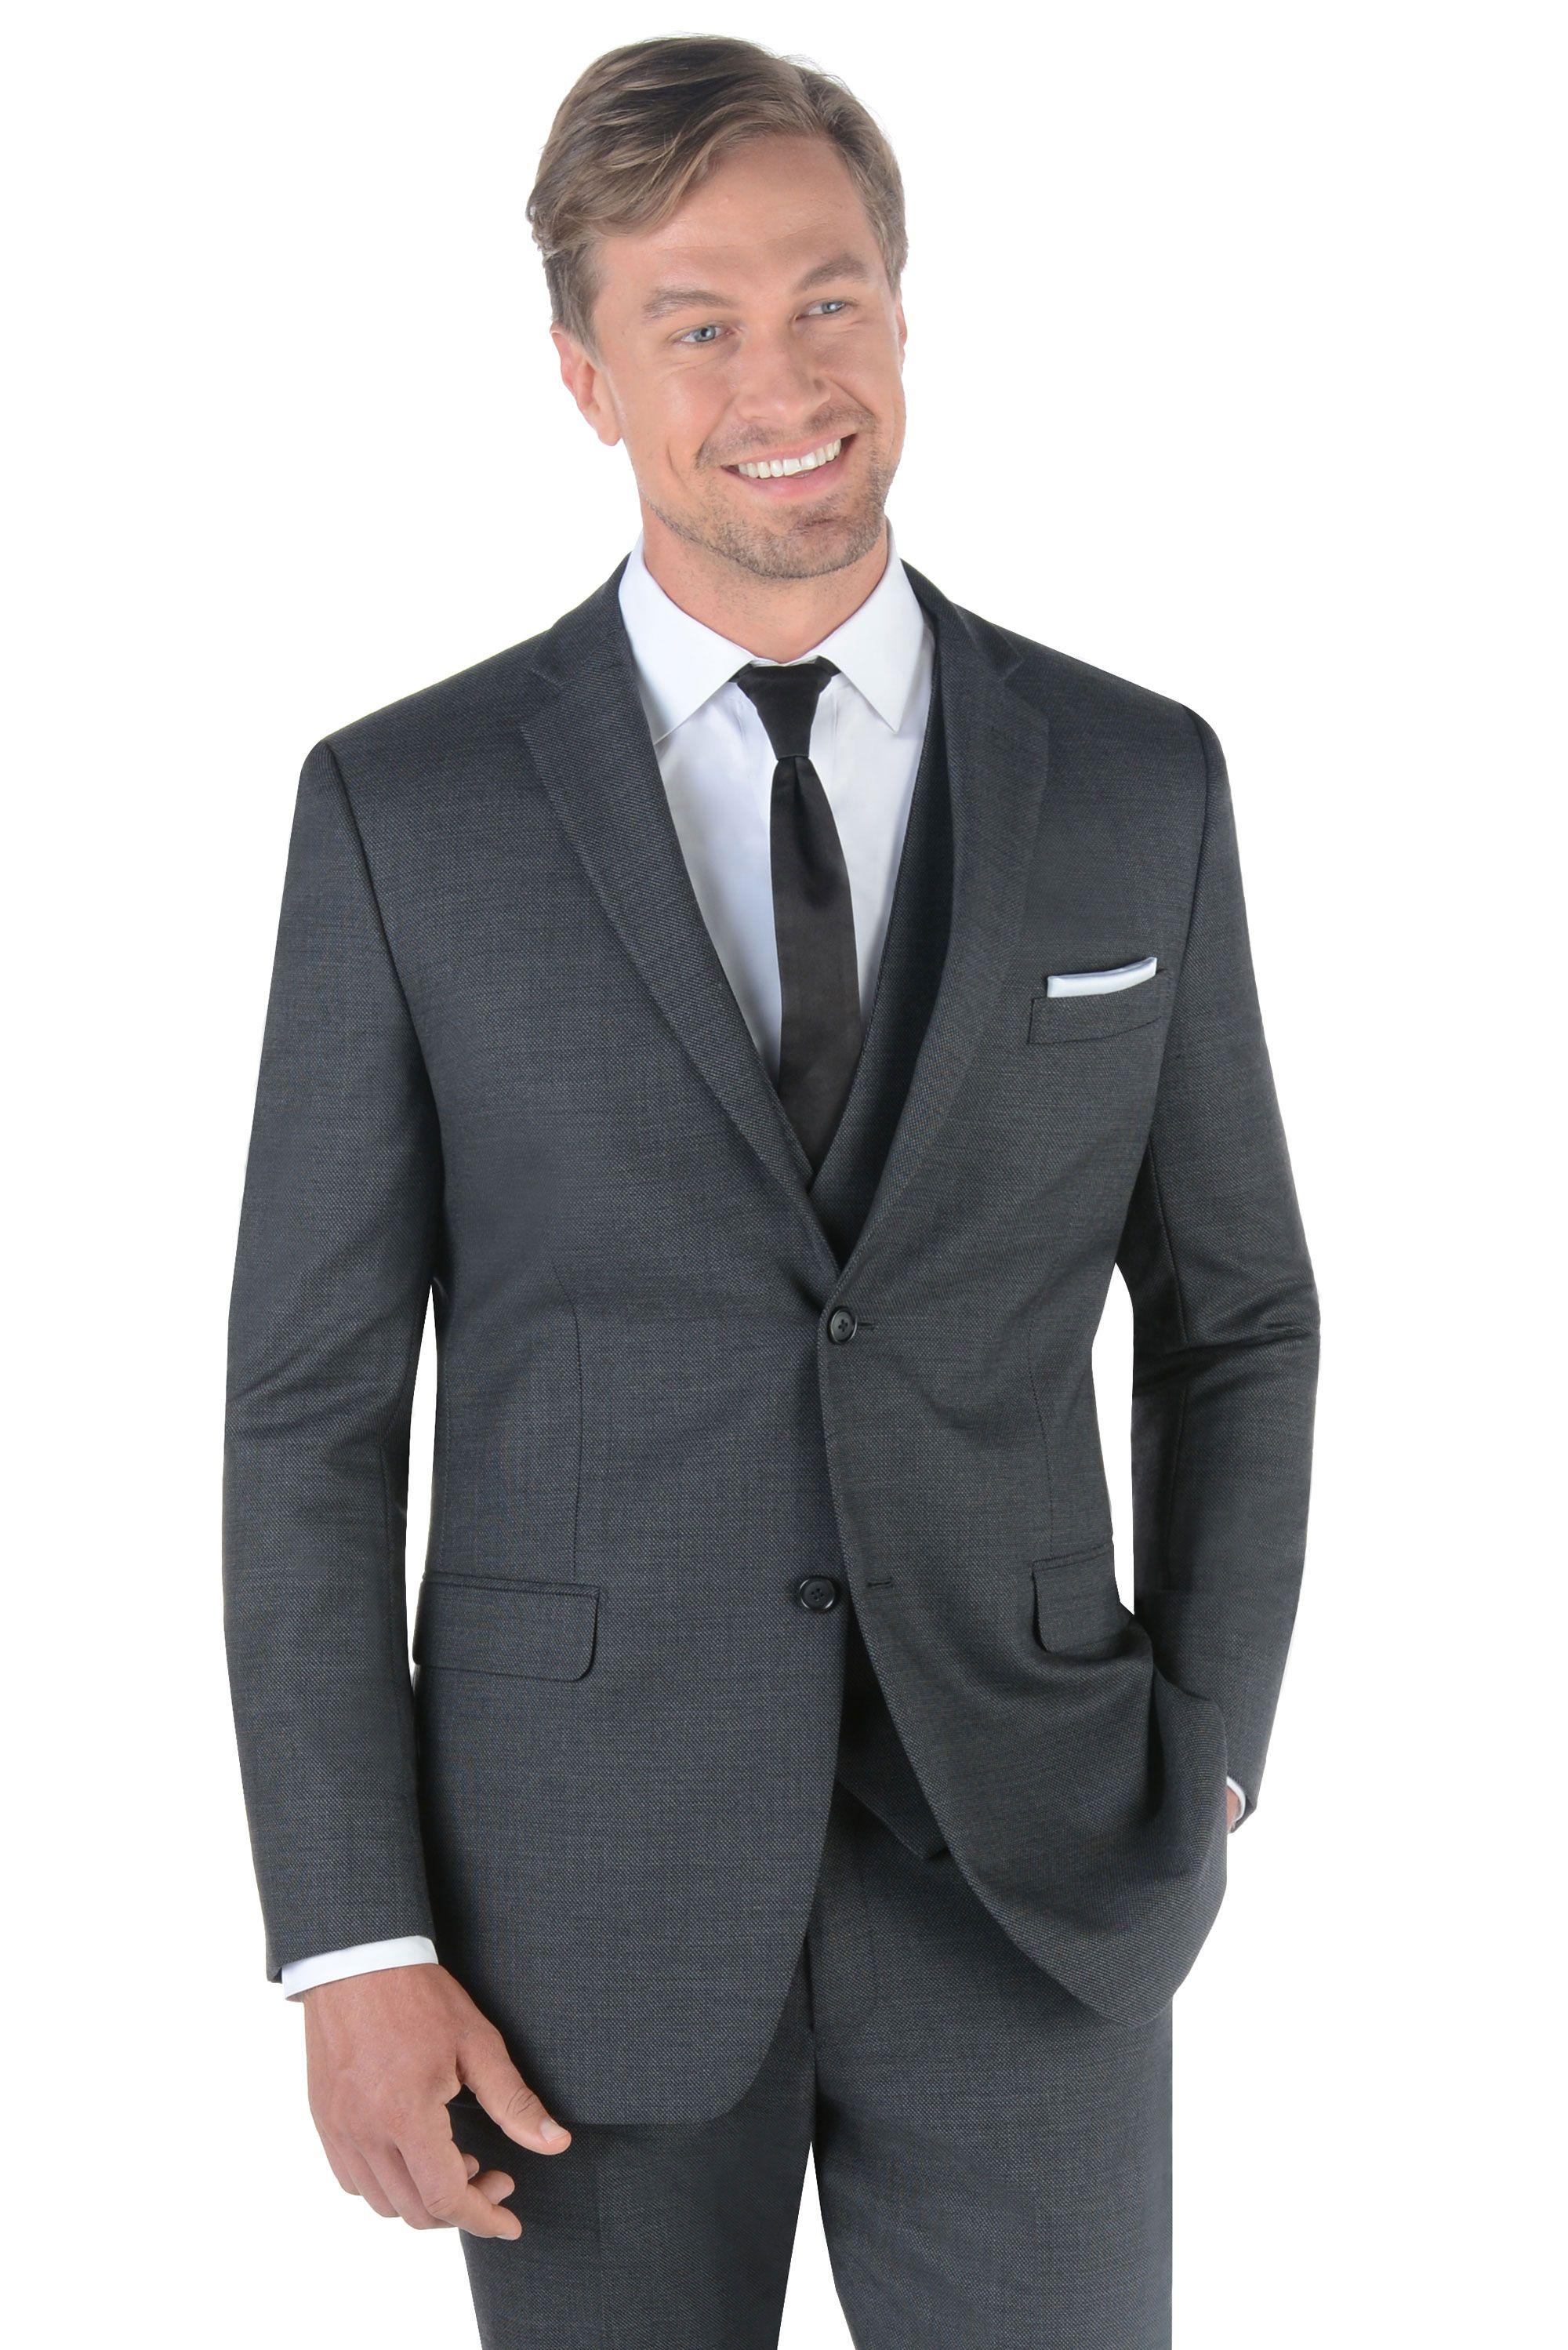 Charcoal grey manhattan by ike behar savvi formalwear